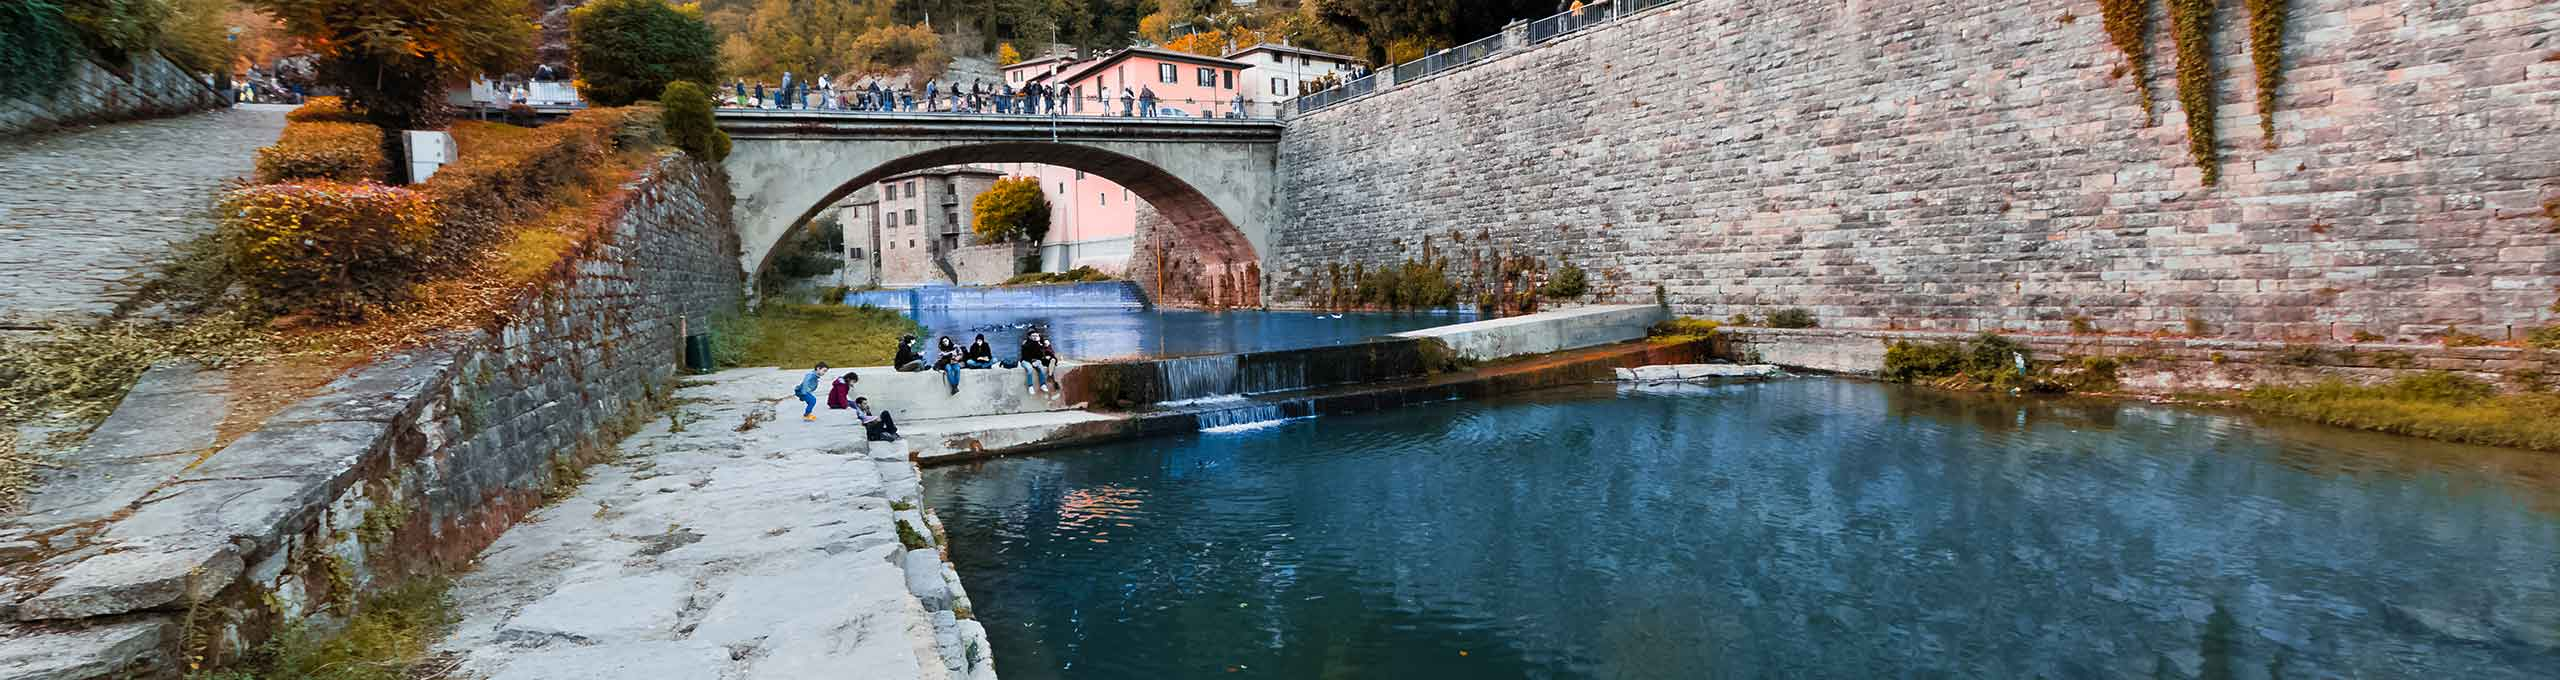 Ponte in pietra di Marradi